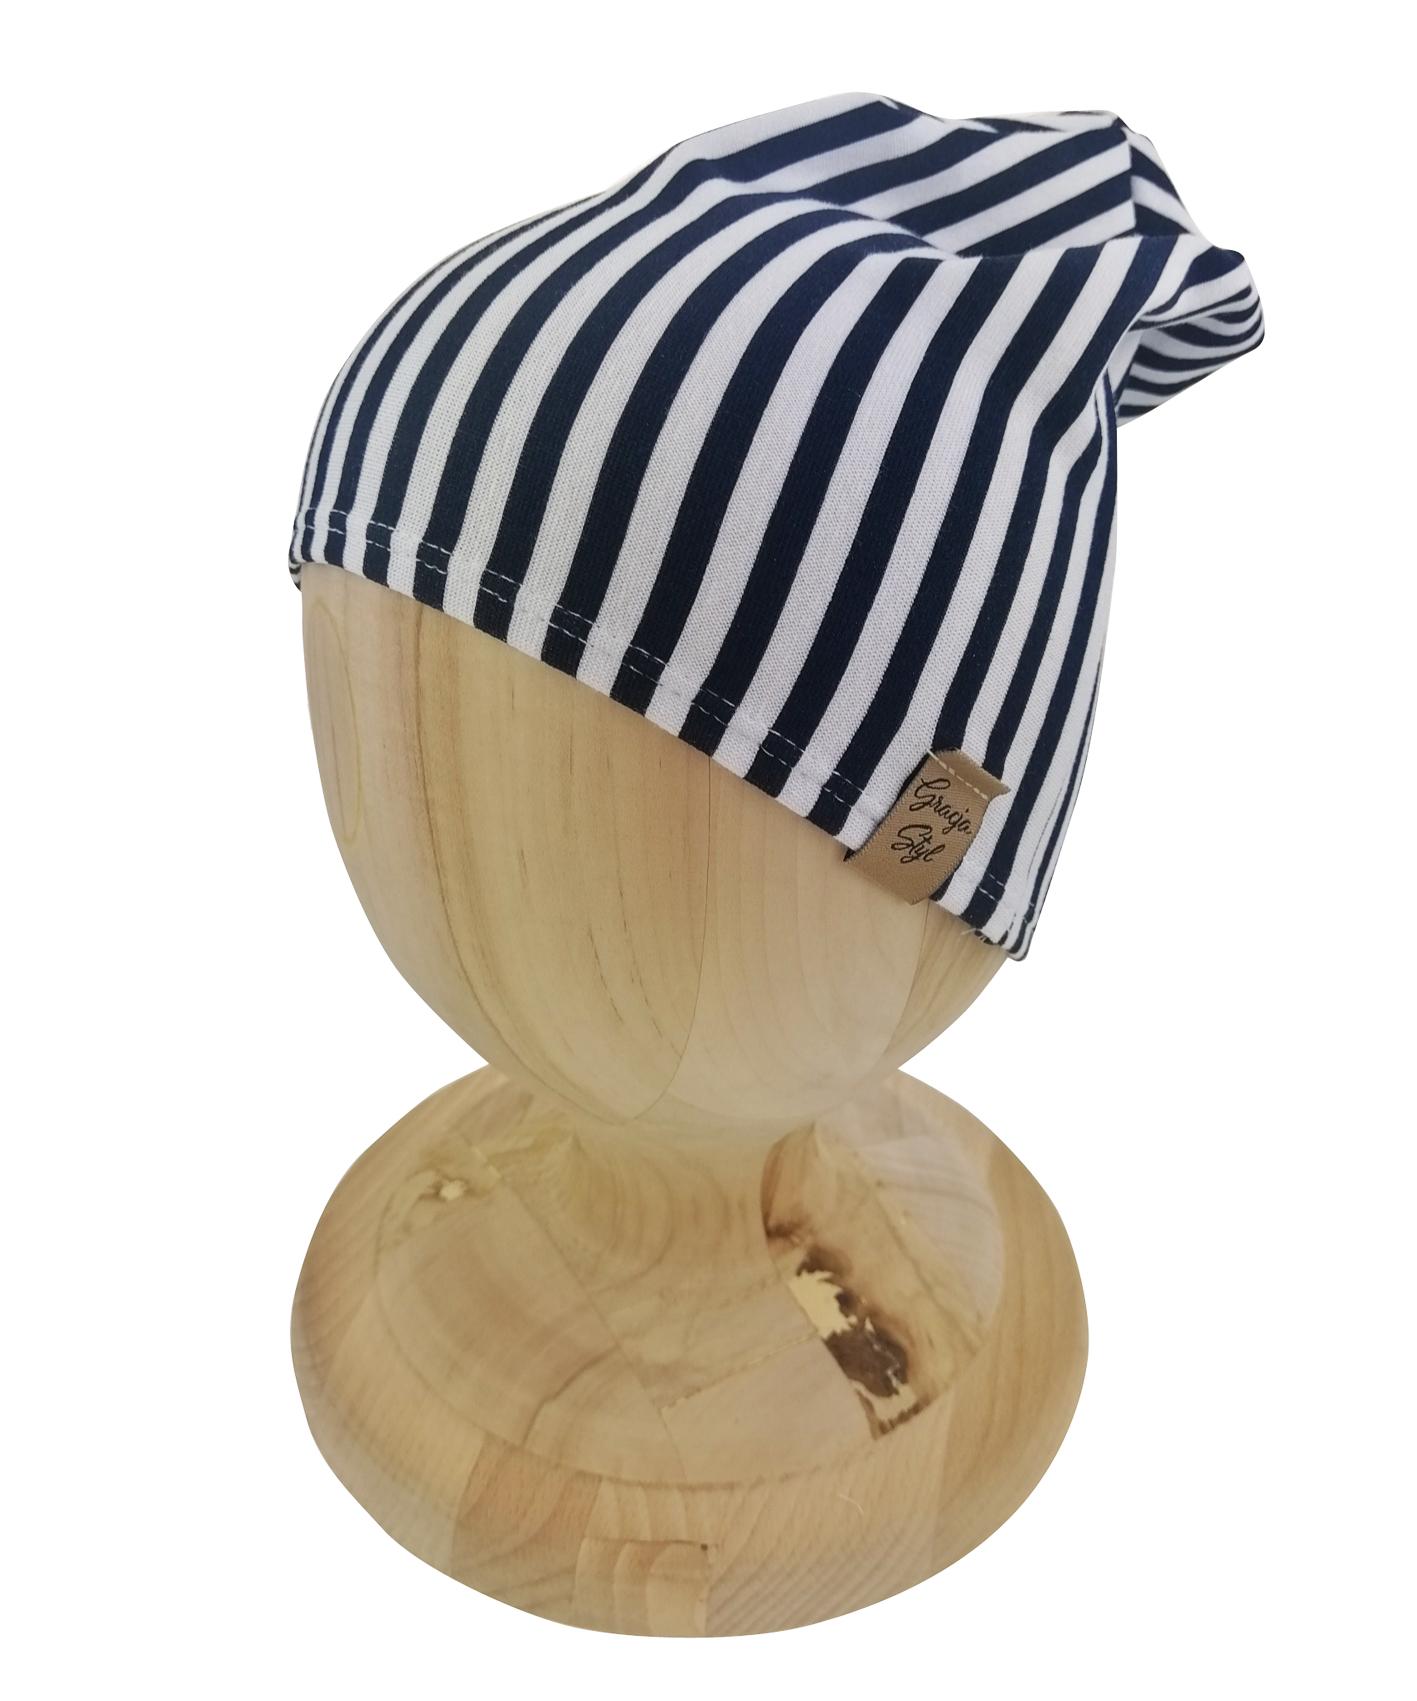 Czapka typu smerfetka. Uszyta z bawełny pętelkowej. Marka Gracja Styl. Dzikęi domieszcze elastanu czapka dobrze dopasowuje się do głowy.